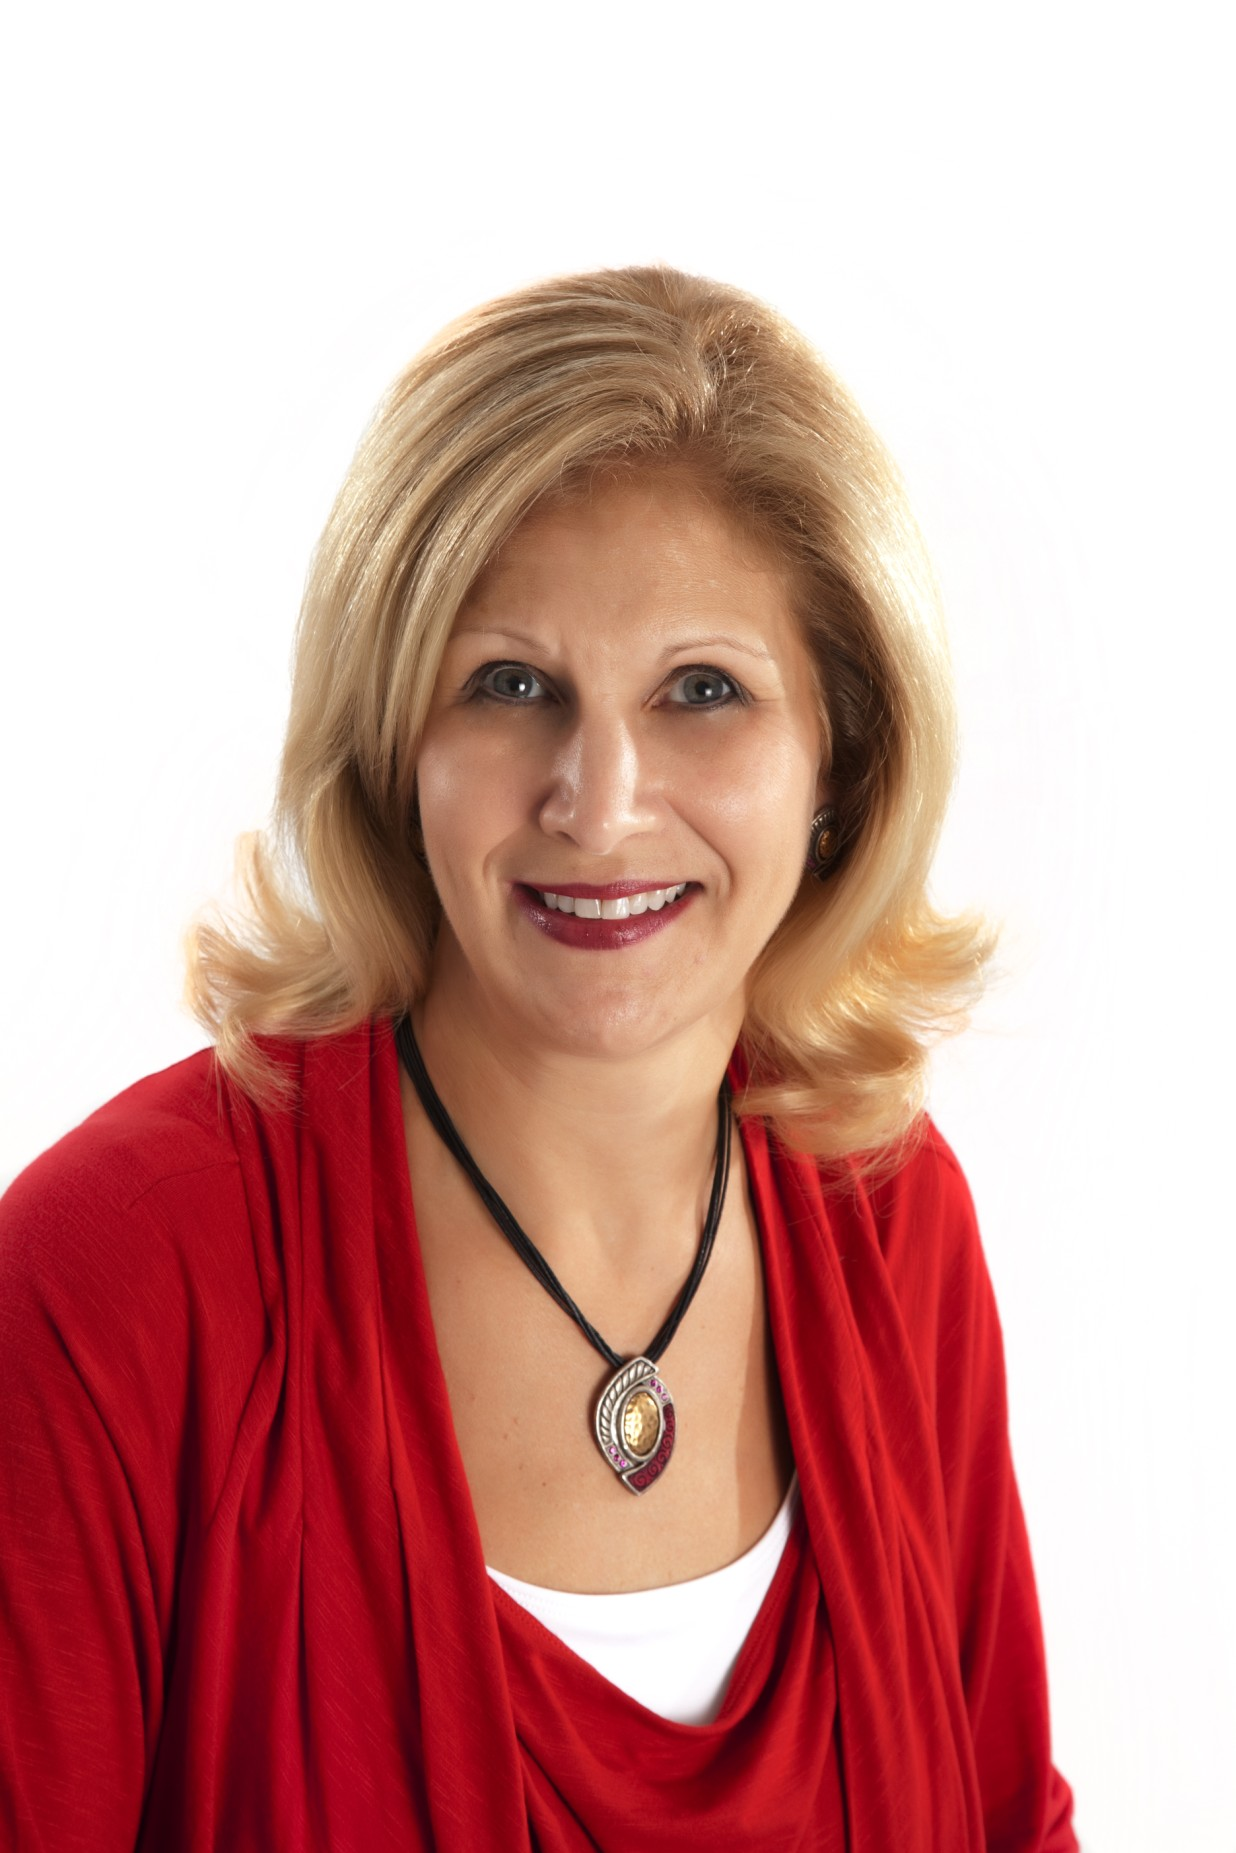 Cindy Cristiano